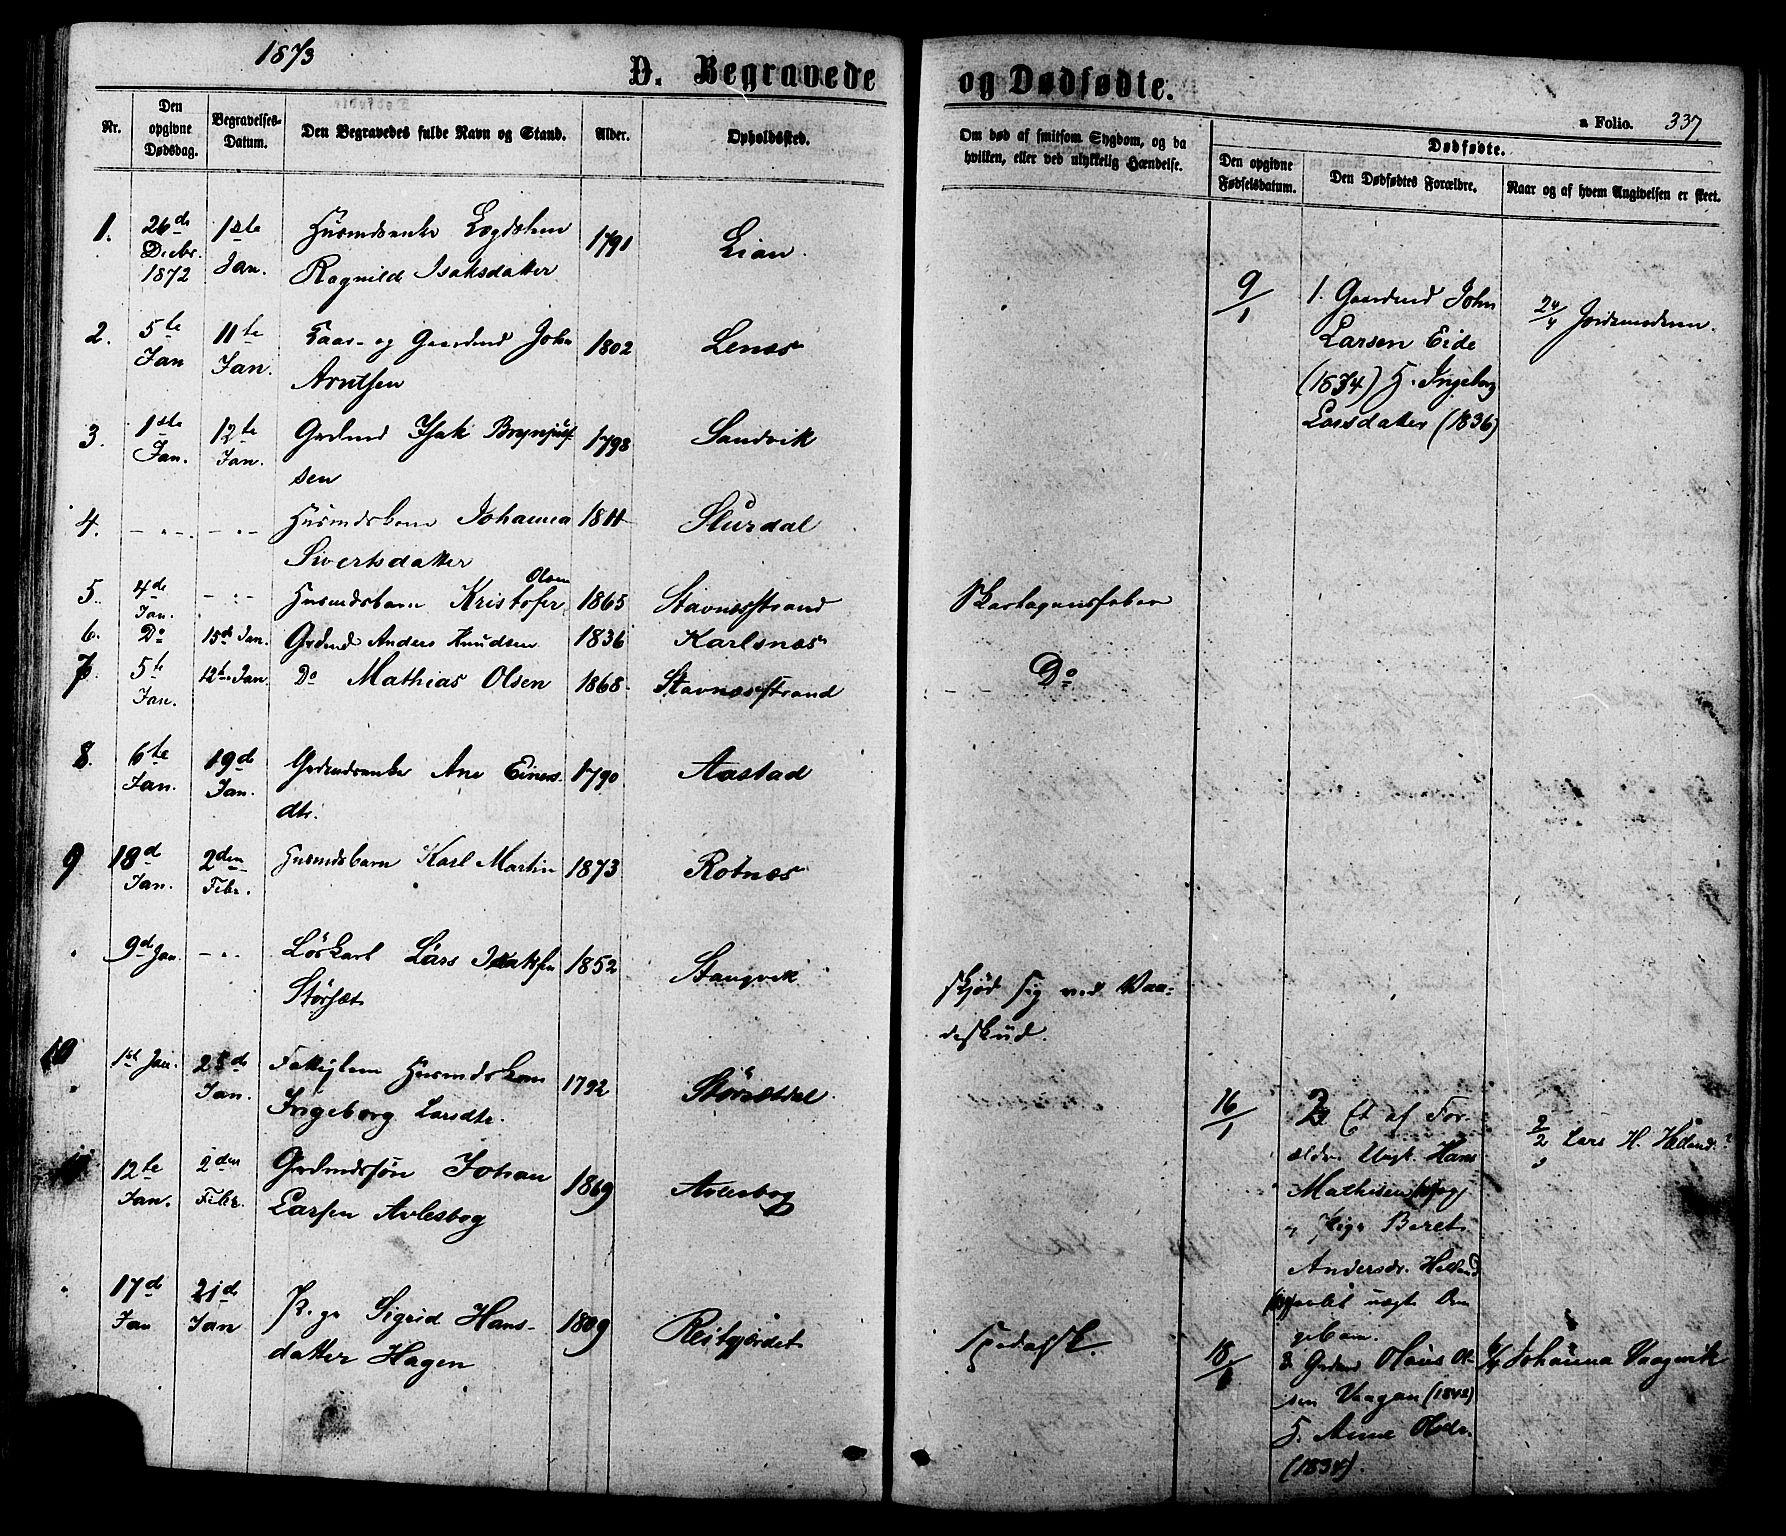 SAT, Ministerialprotokoller, klokkerbøker og fødselsregistre - Sør-Trøndelag, 630/L0495: Ministerialbok nr. 630A08, 1868-1878, s. 337